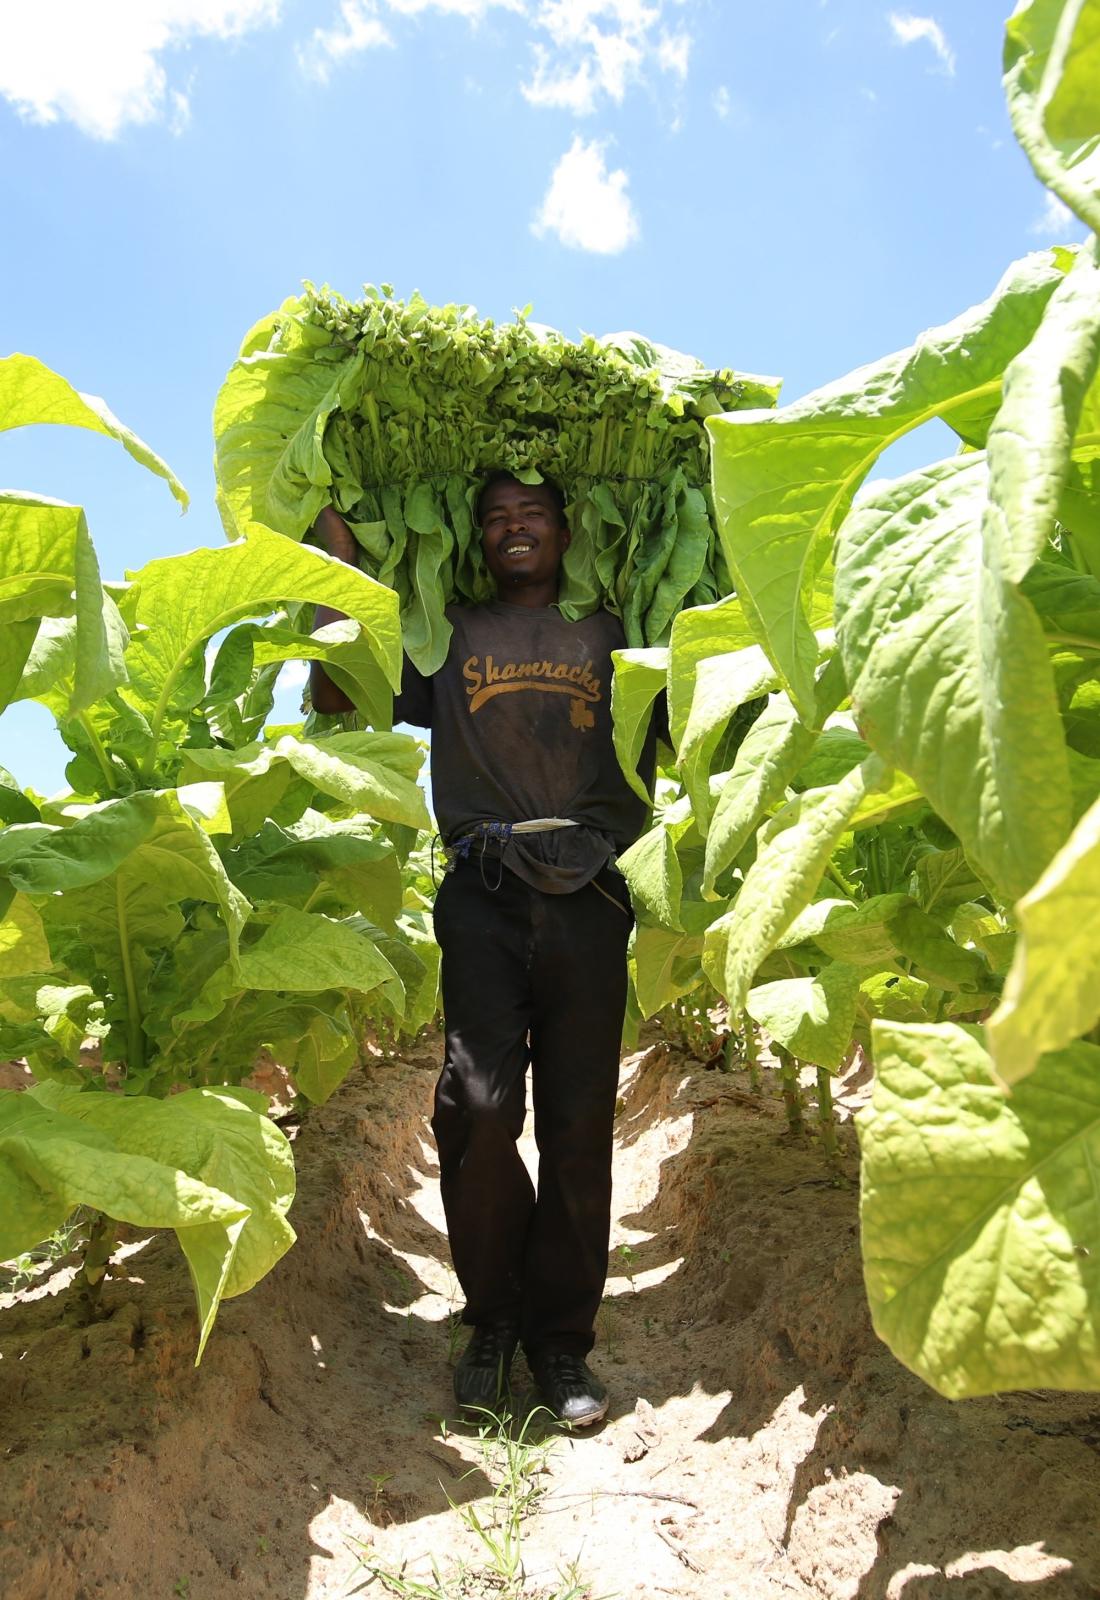 Plantacje tytoniu w Zimbabwe. fot. EPA/AARON UFUMELI